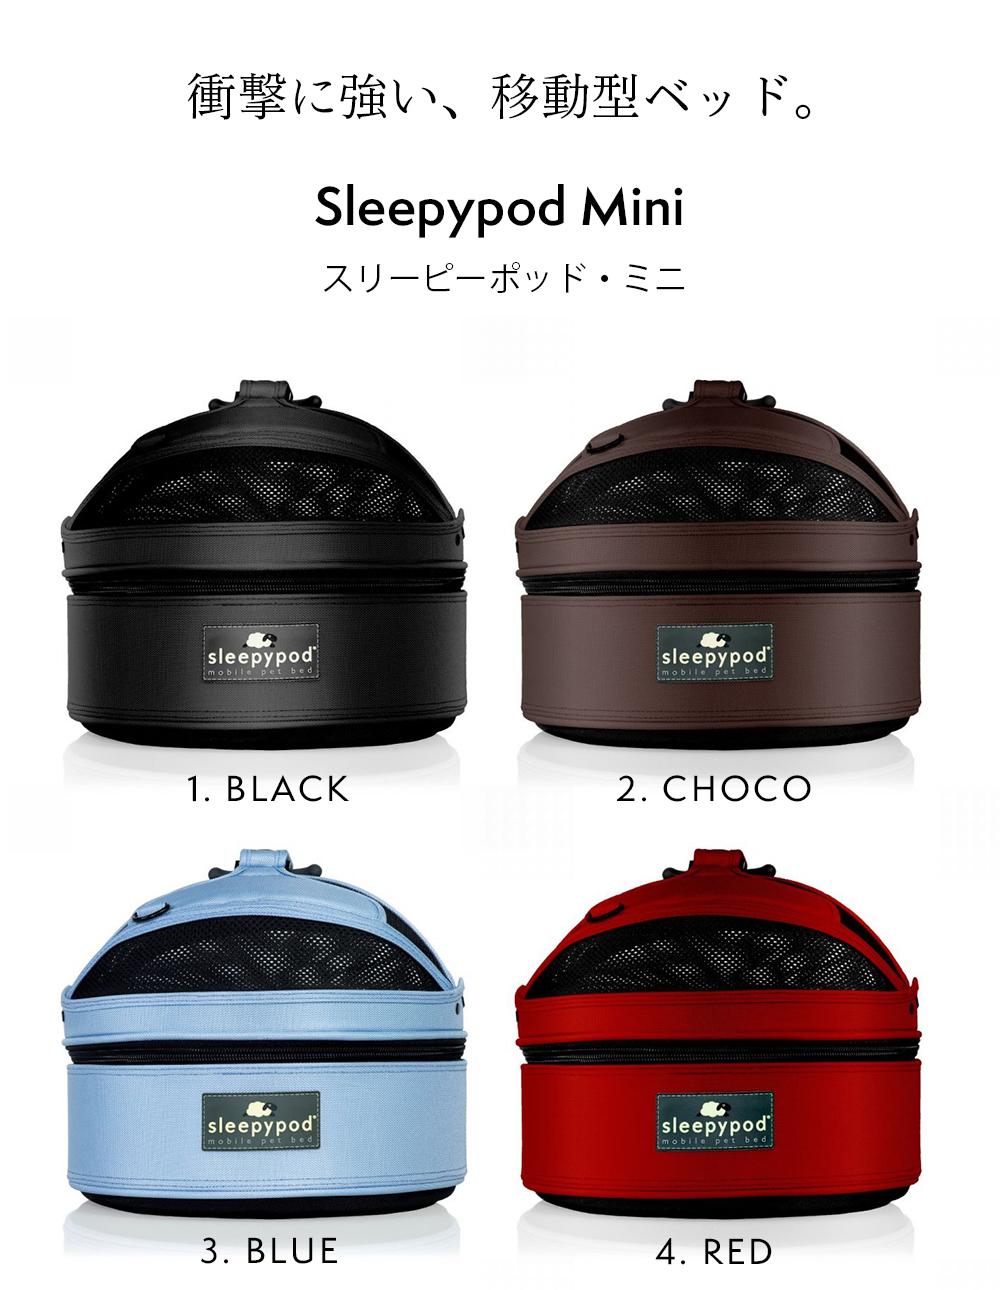 衝撃に強い、安心安全の移動型ベッド sleepypod mini(スリーピーポッド・ミニ)